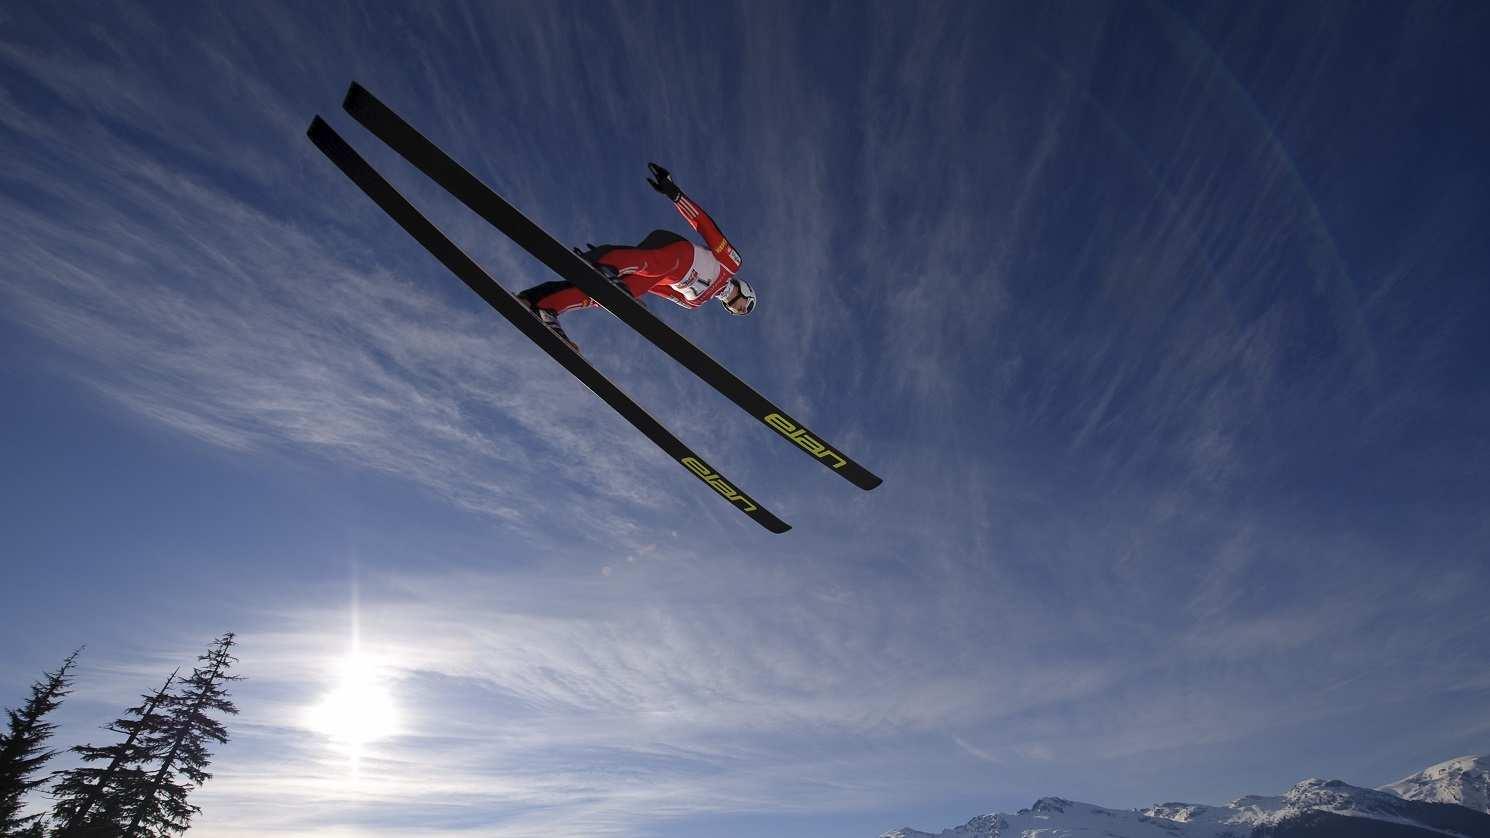 Skier-ski-jump-fly-sky-sun-mountains-4k-3840x2160